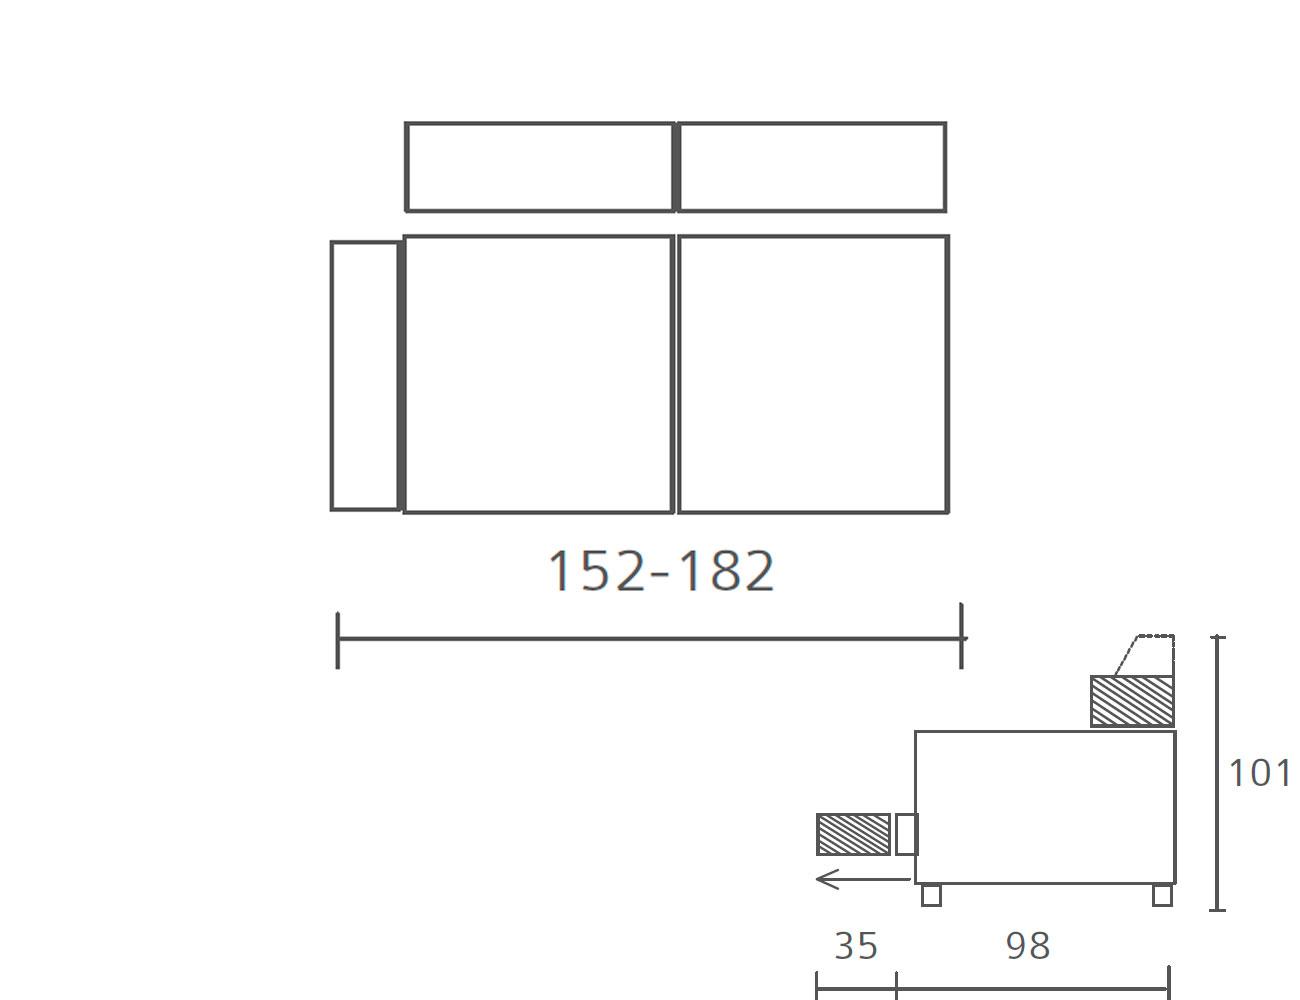 Modulo con 1 brazo 152 1825